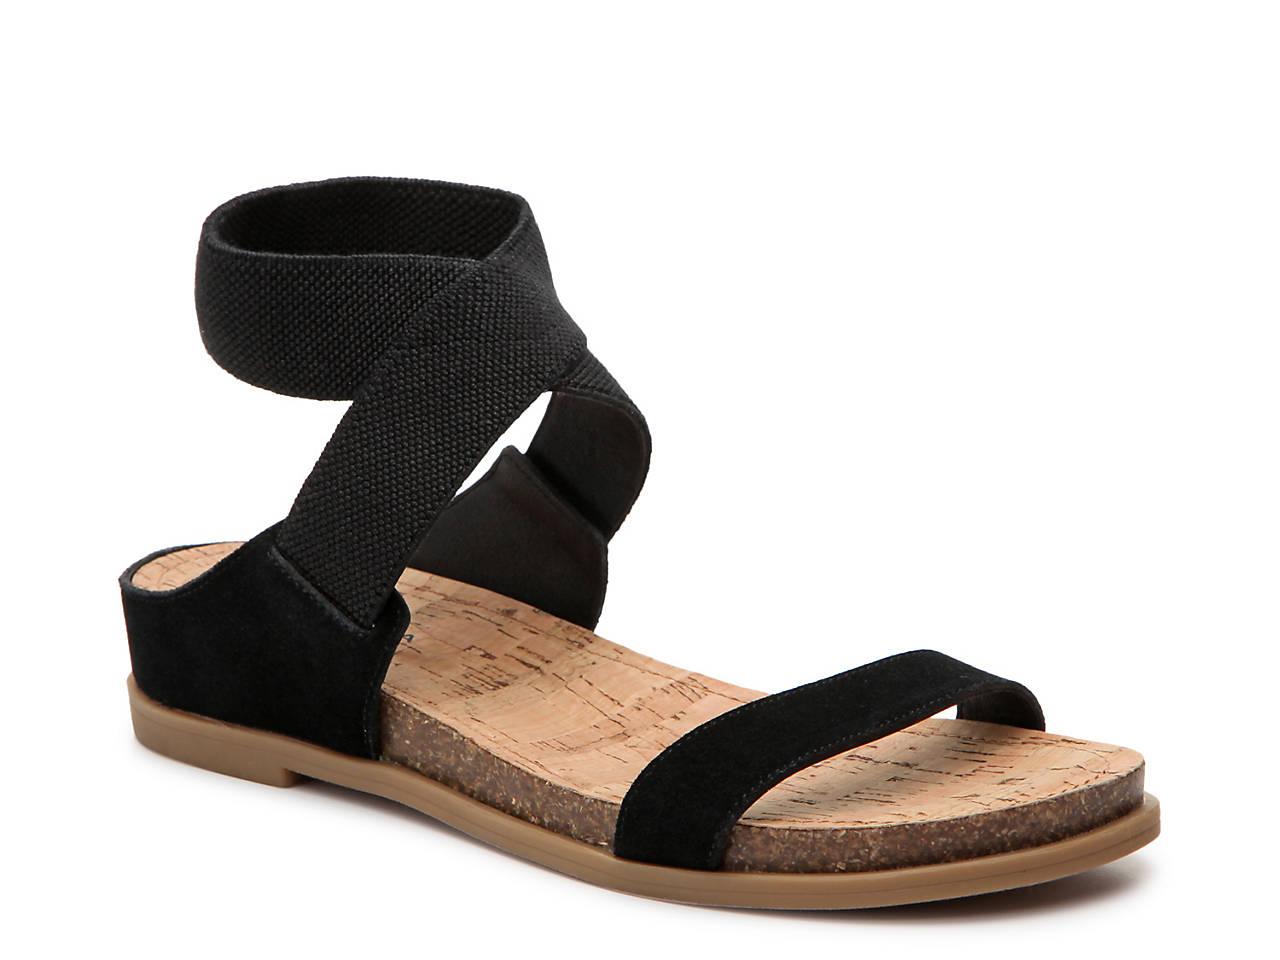 Rascal Wedge Sandal by Moda Spana